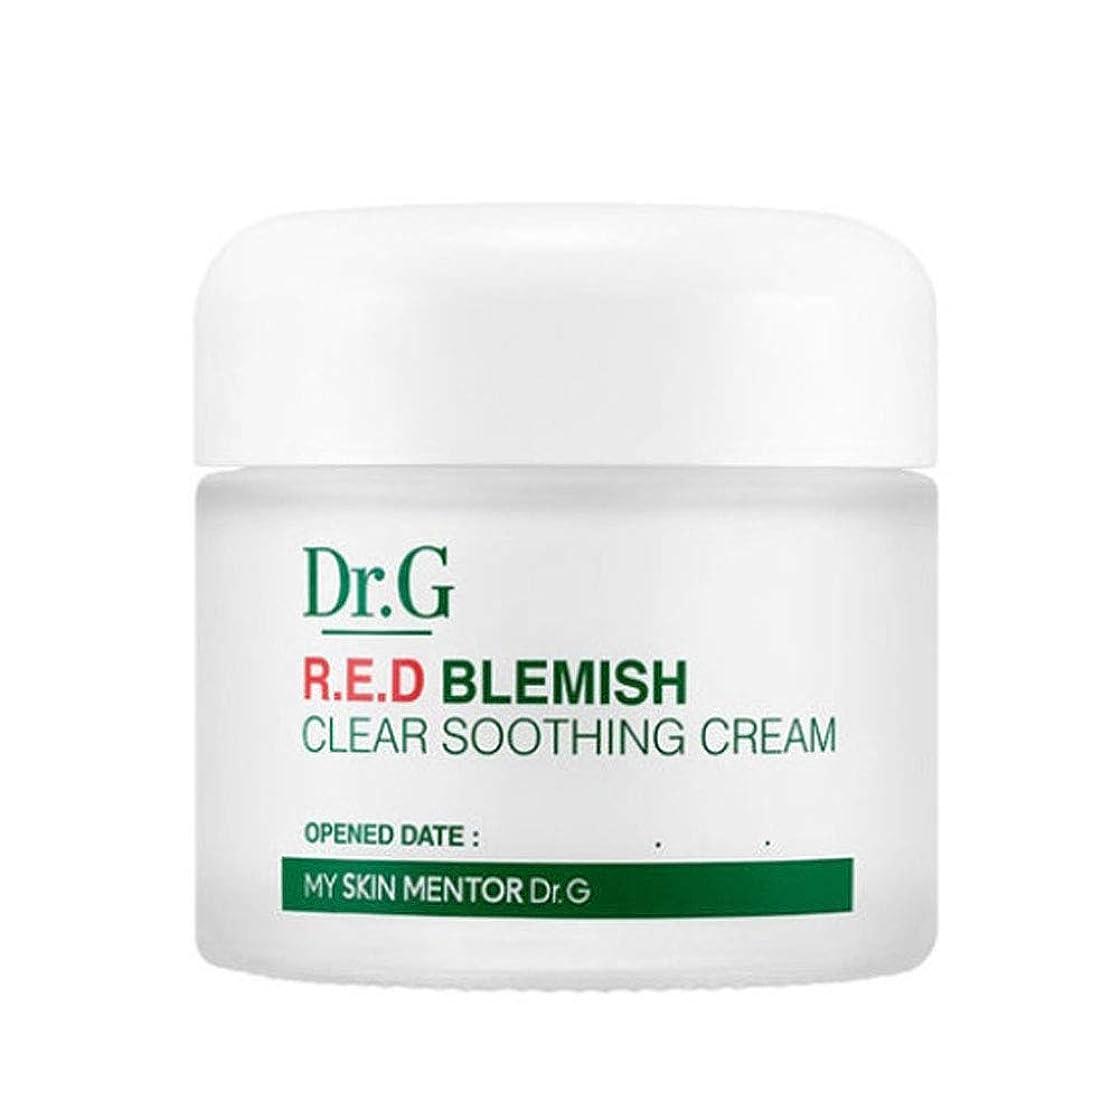 貝殻反対したインレイドクターGレッドブレミッシュクリアスージングクリーム70ml水分クリーム、Dr.G Red Blemish Clear Soothing Cream 70ml Moisturizing Cream [並行輸入品]